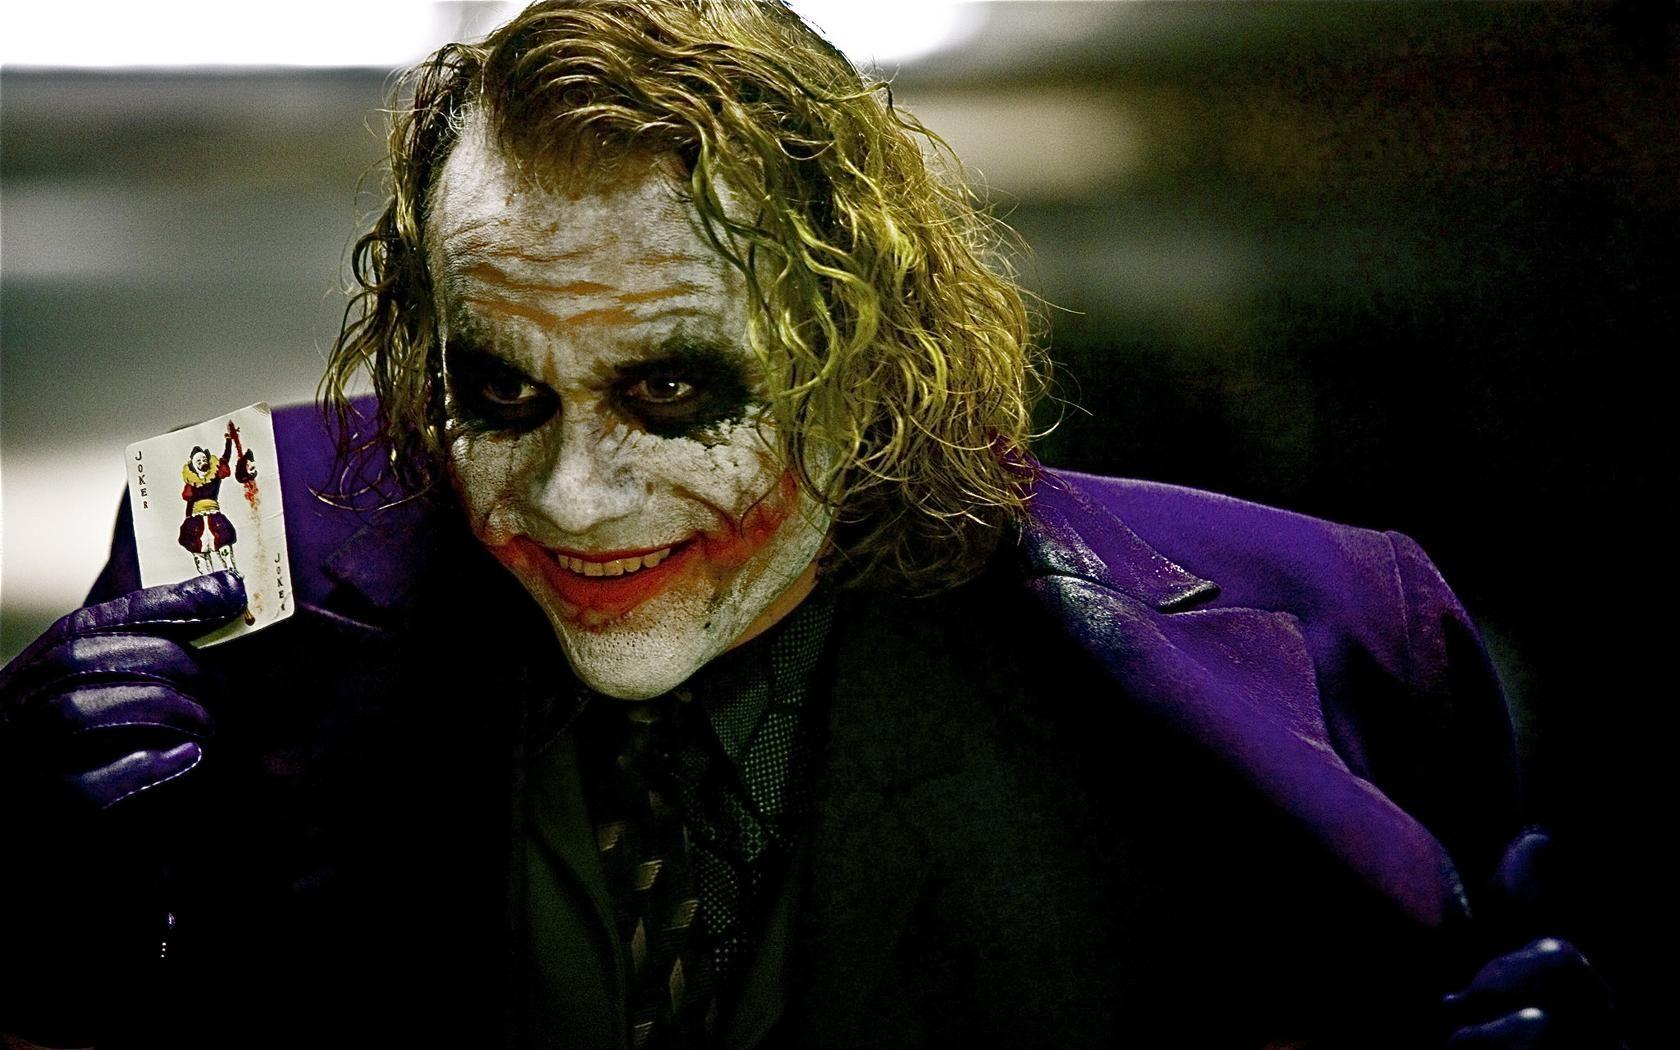 Best Wallpaper Halloween Joker - 1d3c90b61b21e802340ca36be293ad5b  Trends_458945.jpg